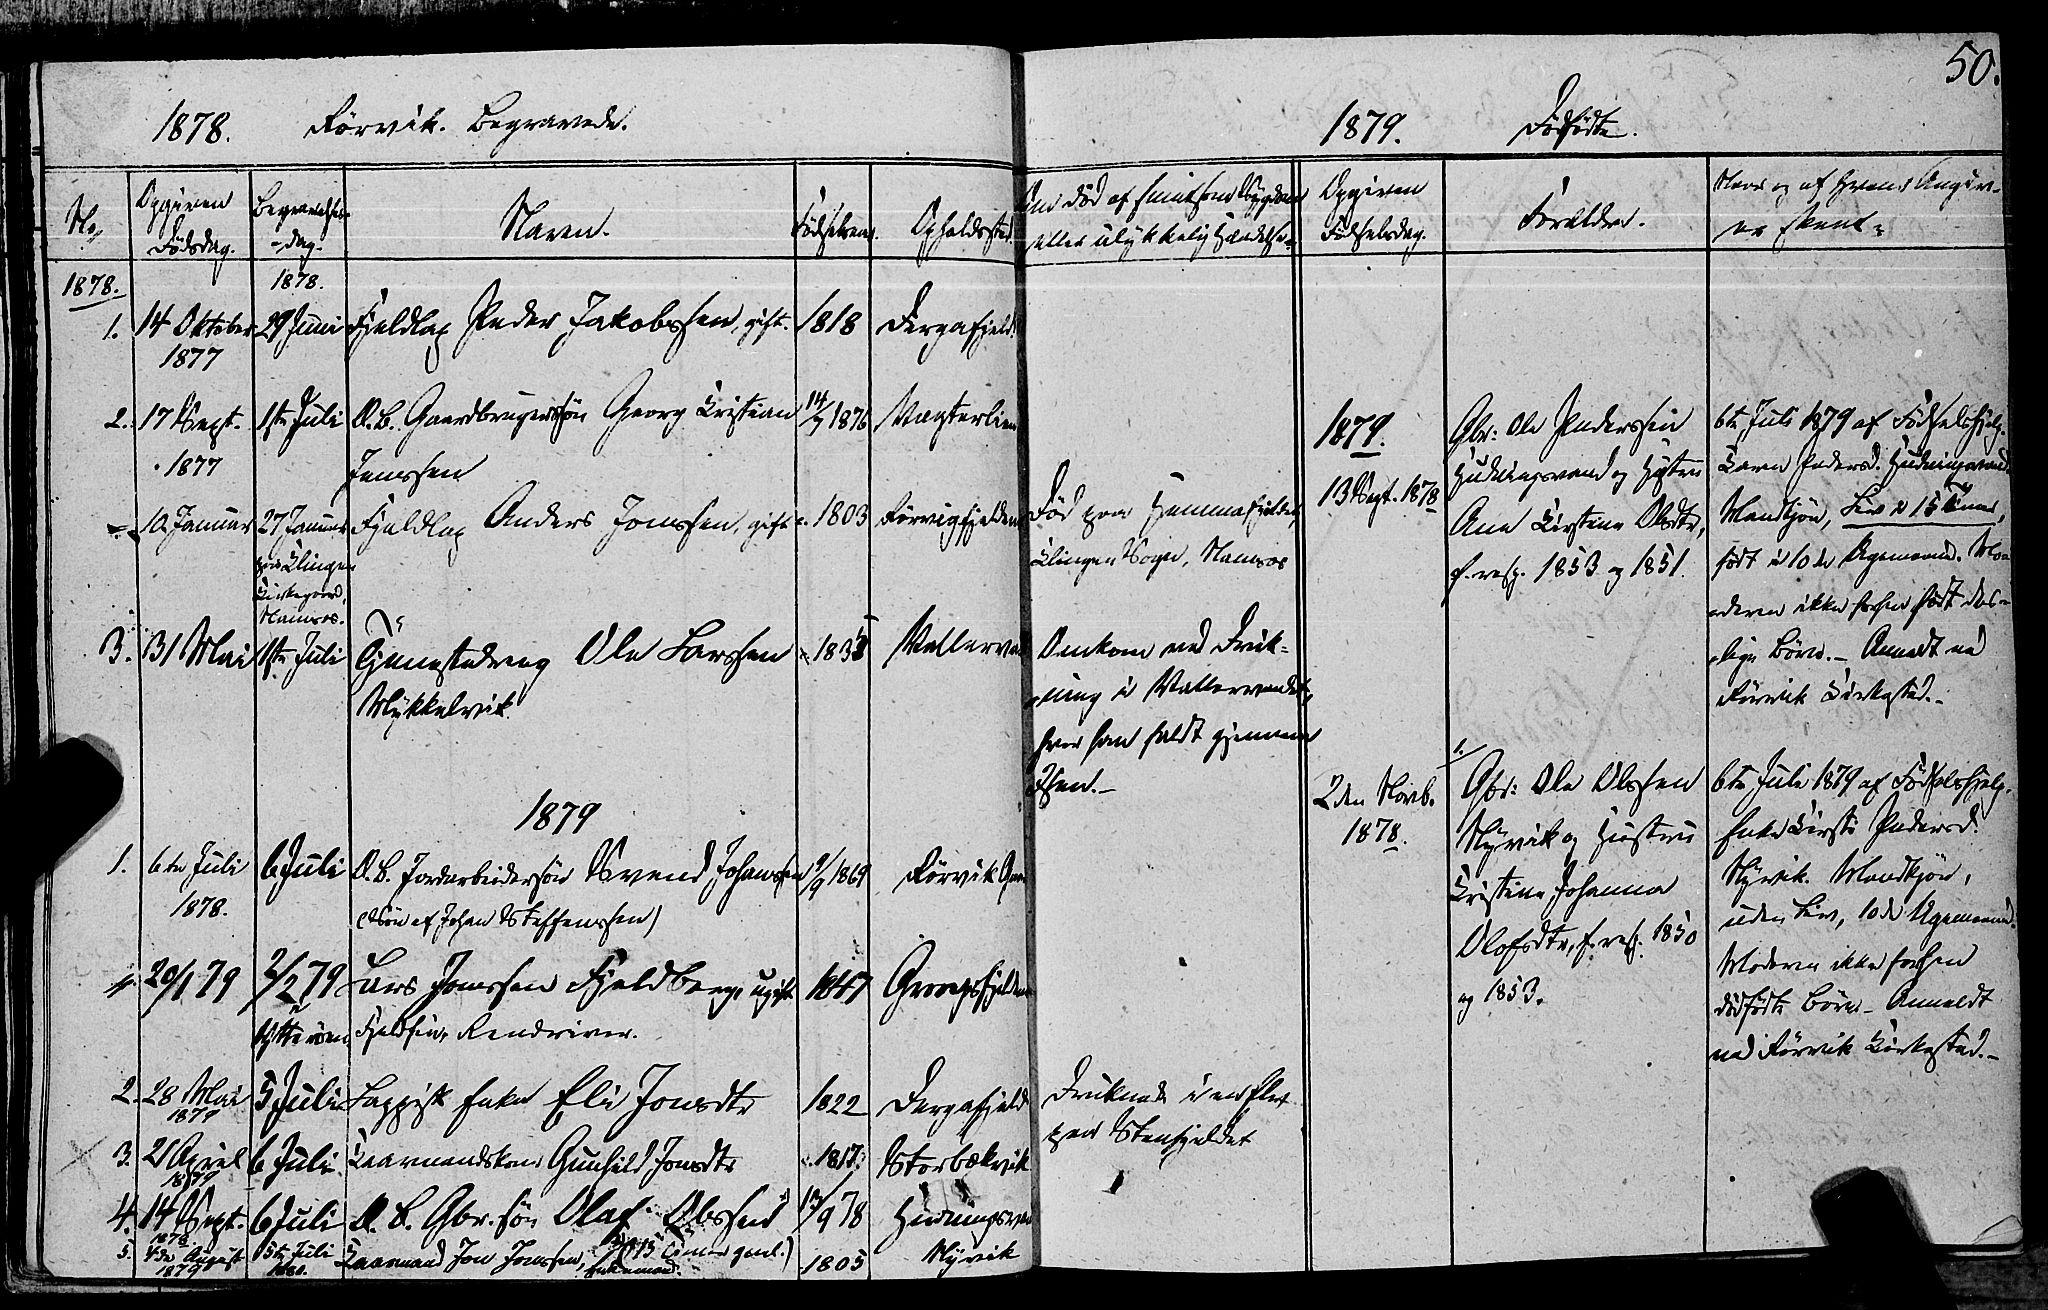 SAT, Ministerialprotokoller, klokkerbøker og fødselsregistre - Nord-Trøndelag, 762/L0538: Ministerialbok nr. 762A02 /1, 1833-1879, s. 50